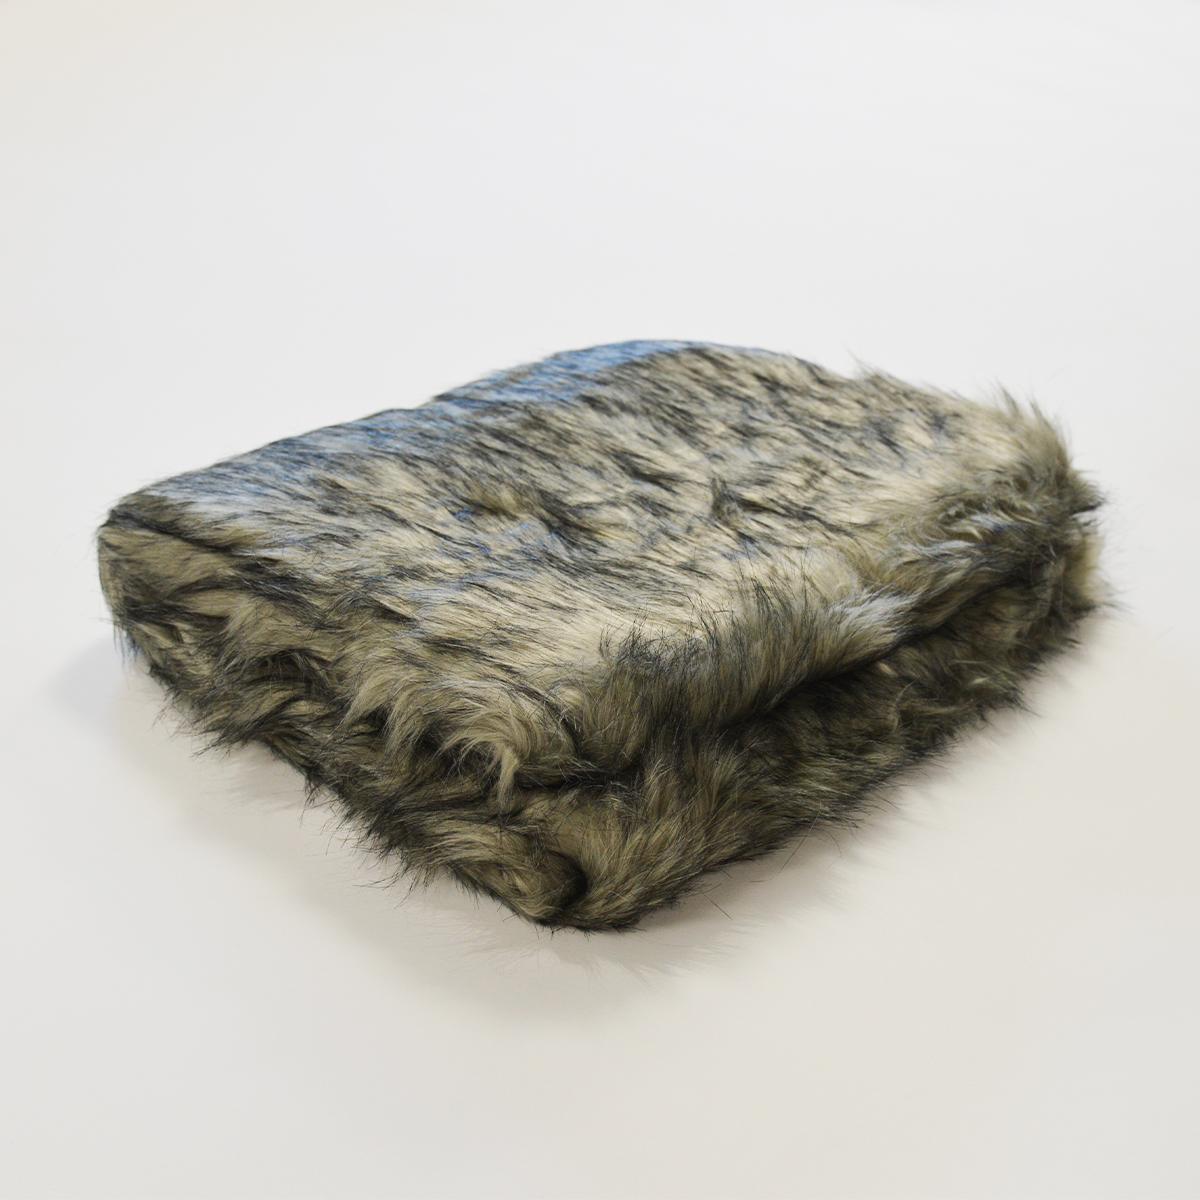 130 doux et moelleux pour lit ou canap/é 160cm bleu Plaid en fausse fourrure